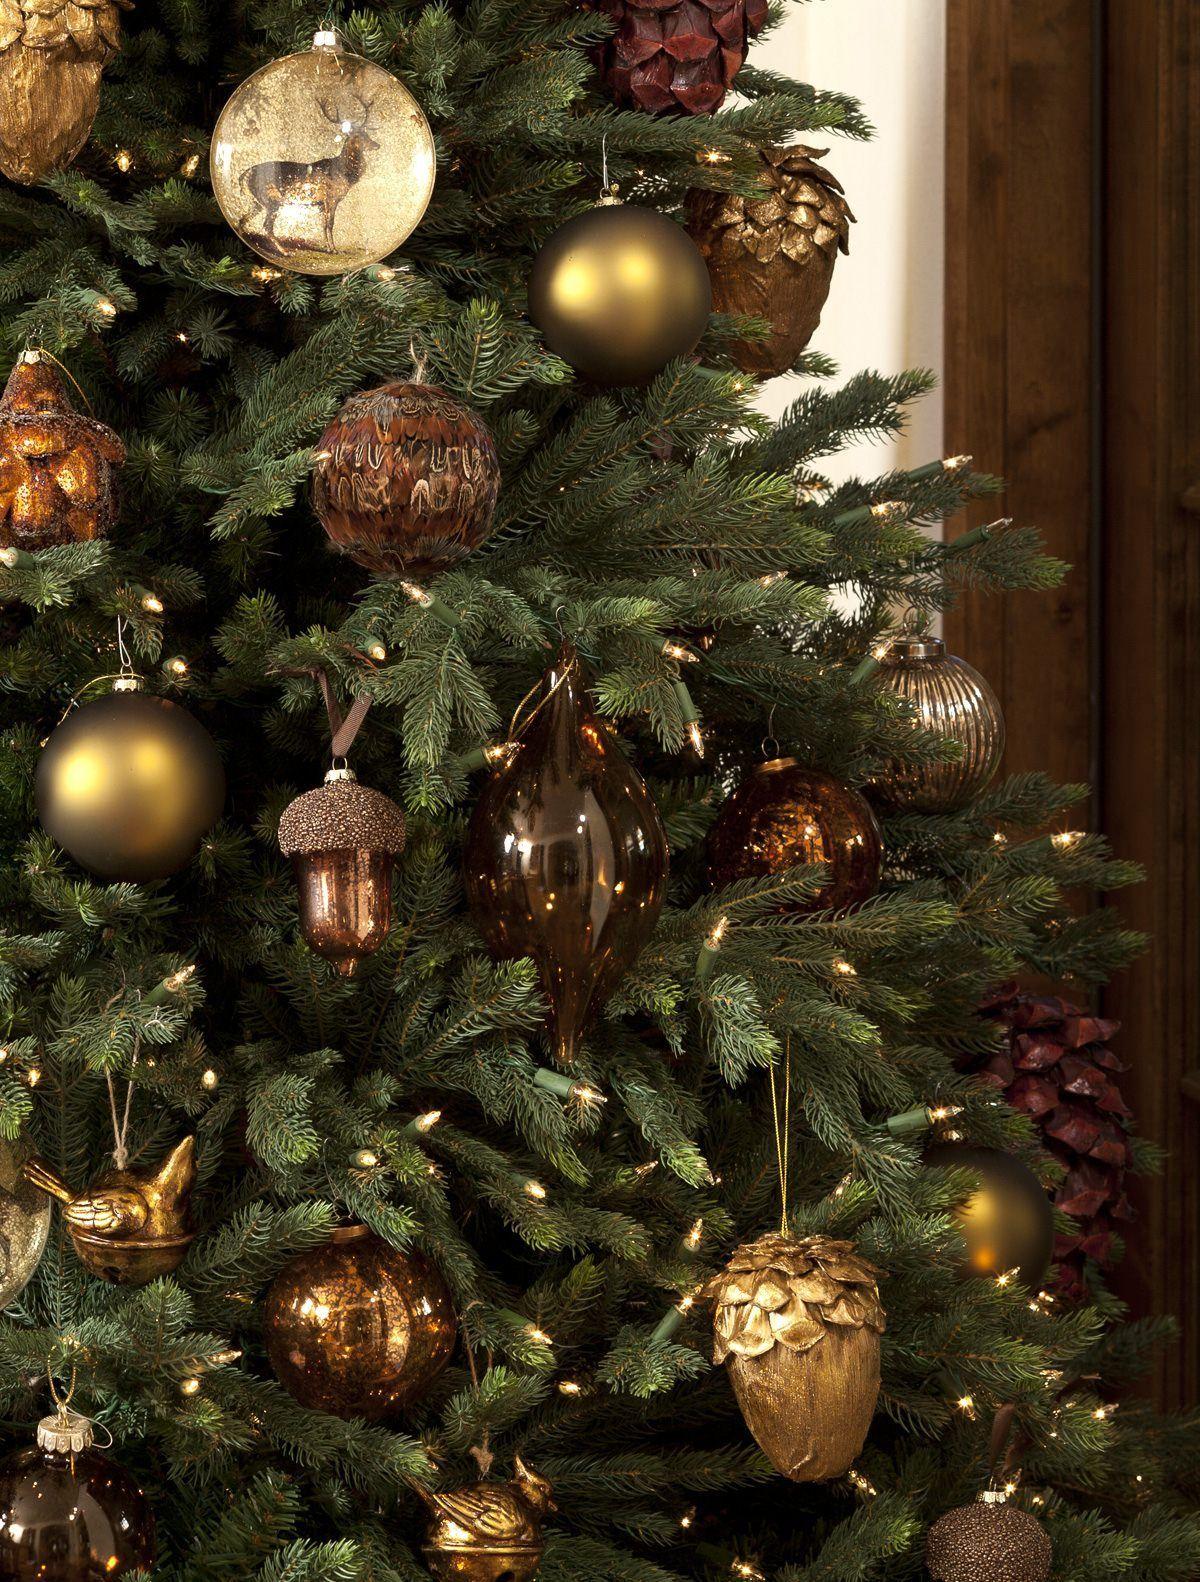 Какими цветами украсить елку на Новый год 2019 — 10 стилистических направлений #kerstboomversieringen2019